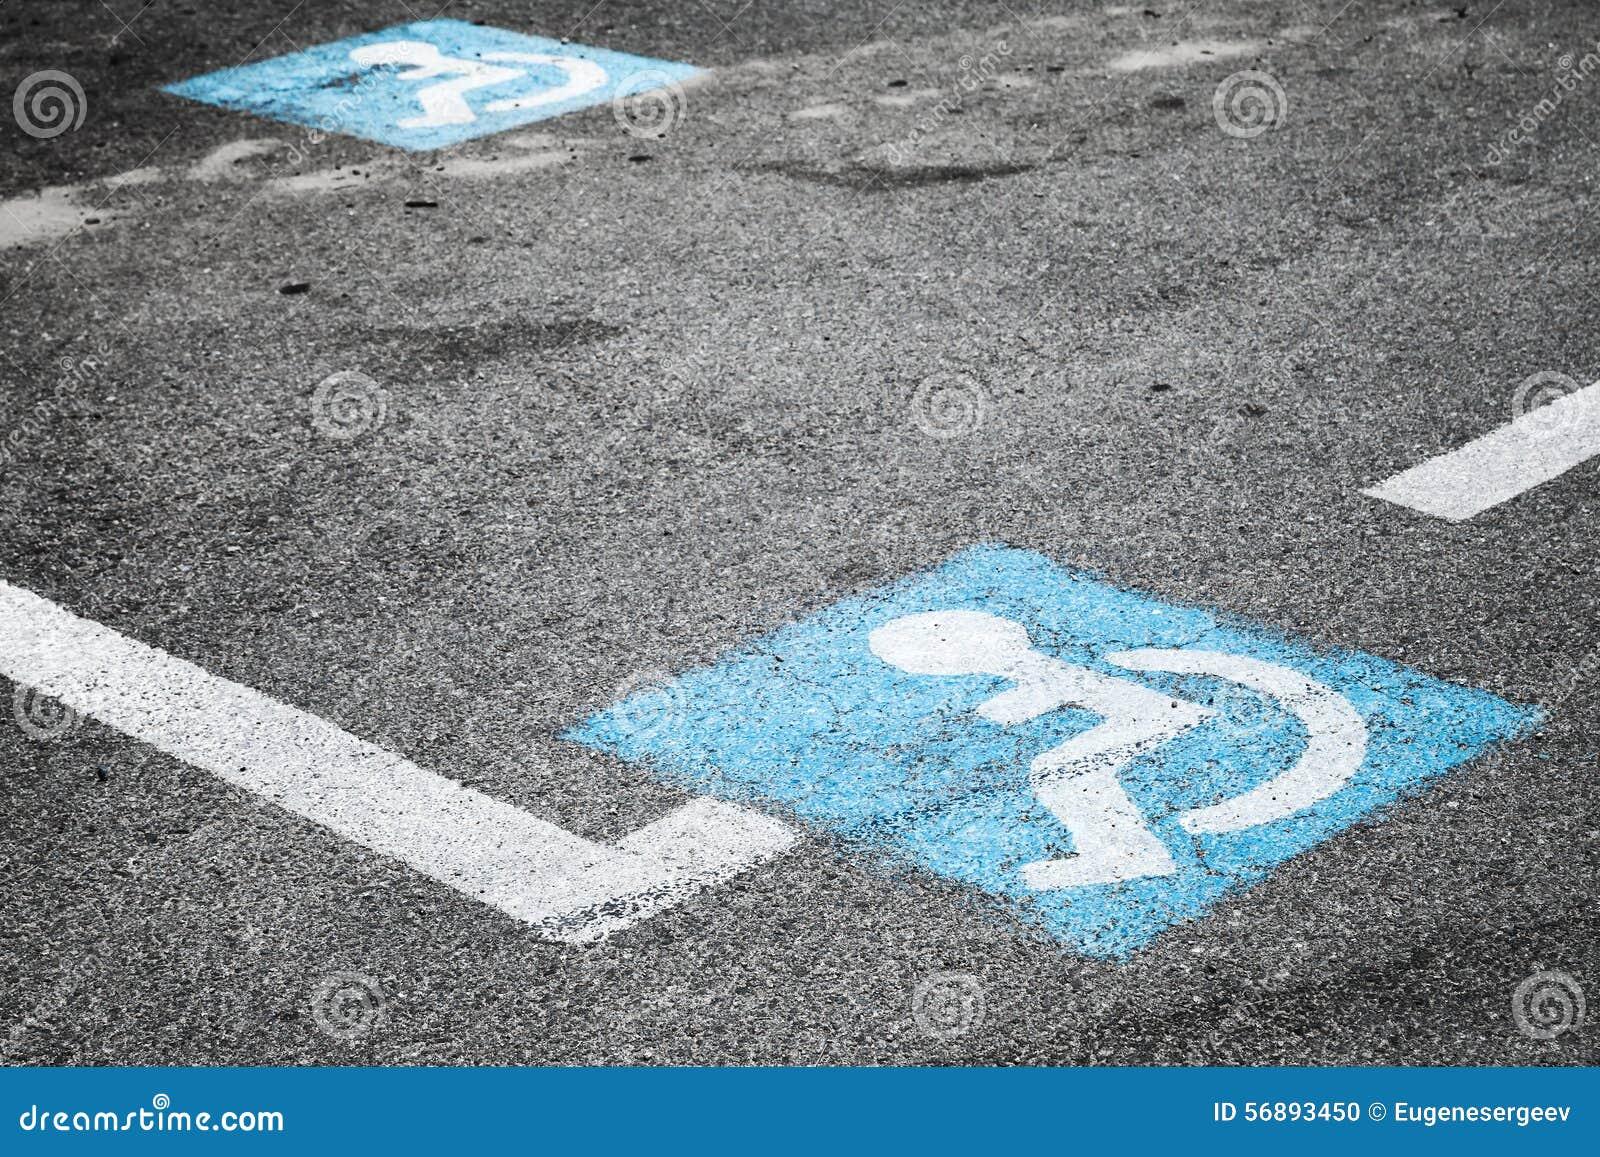 Weg het merken van plaats voor gehandicapten